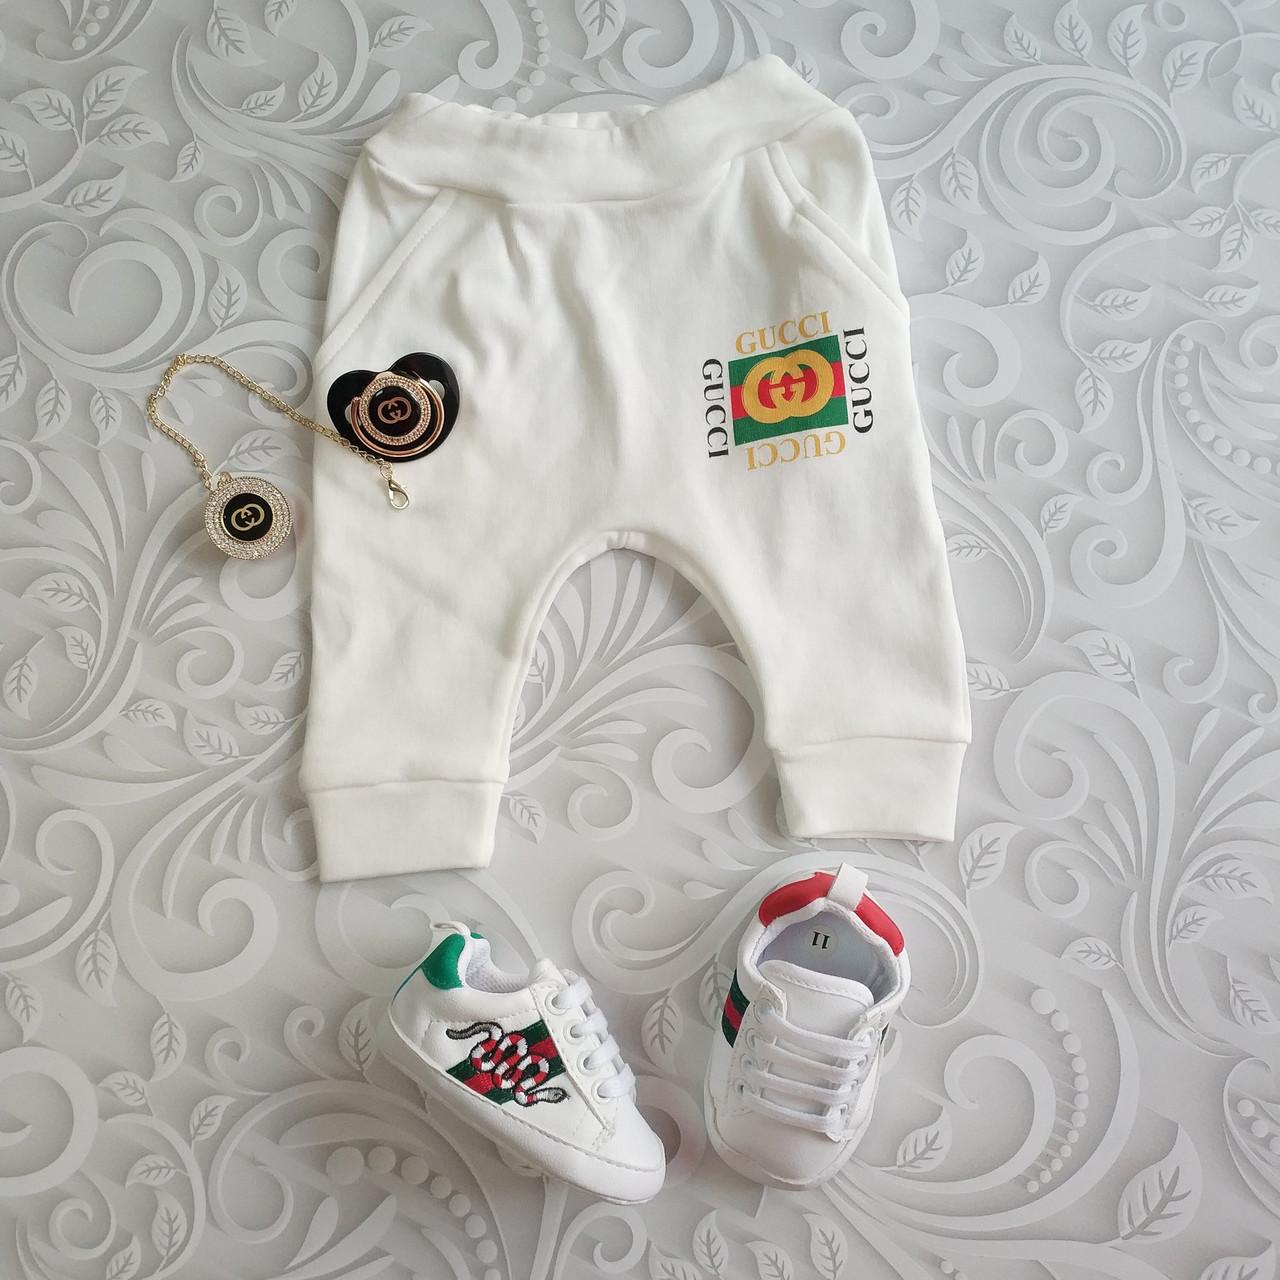 Ползунки, штанишки для новорожденных Gucci